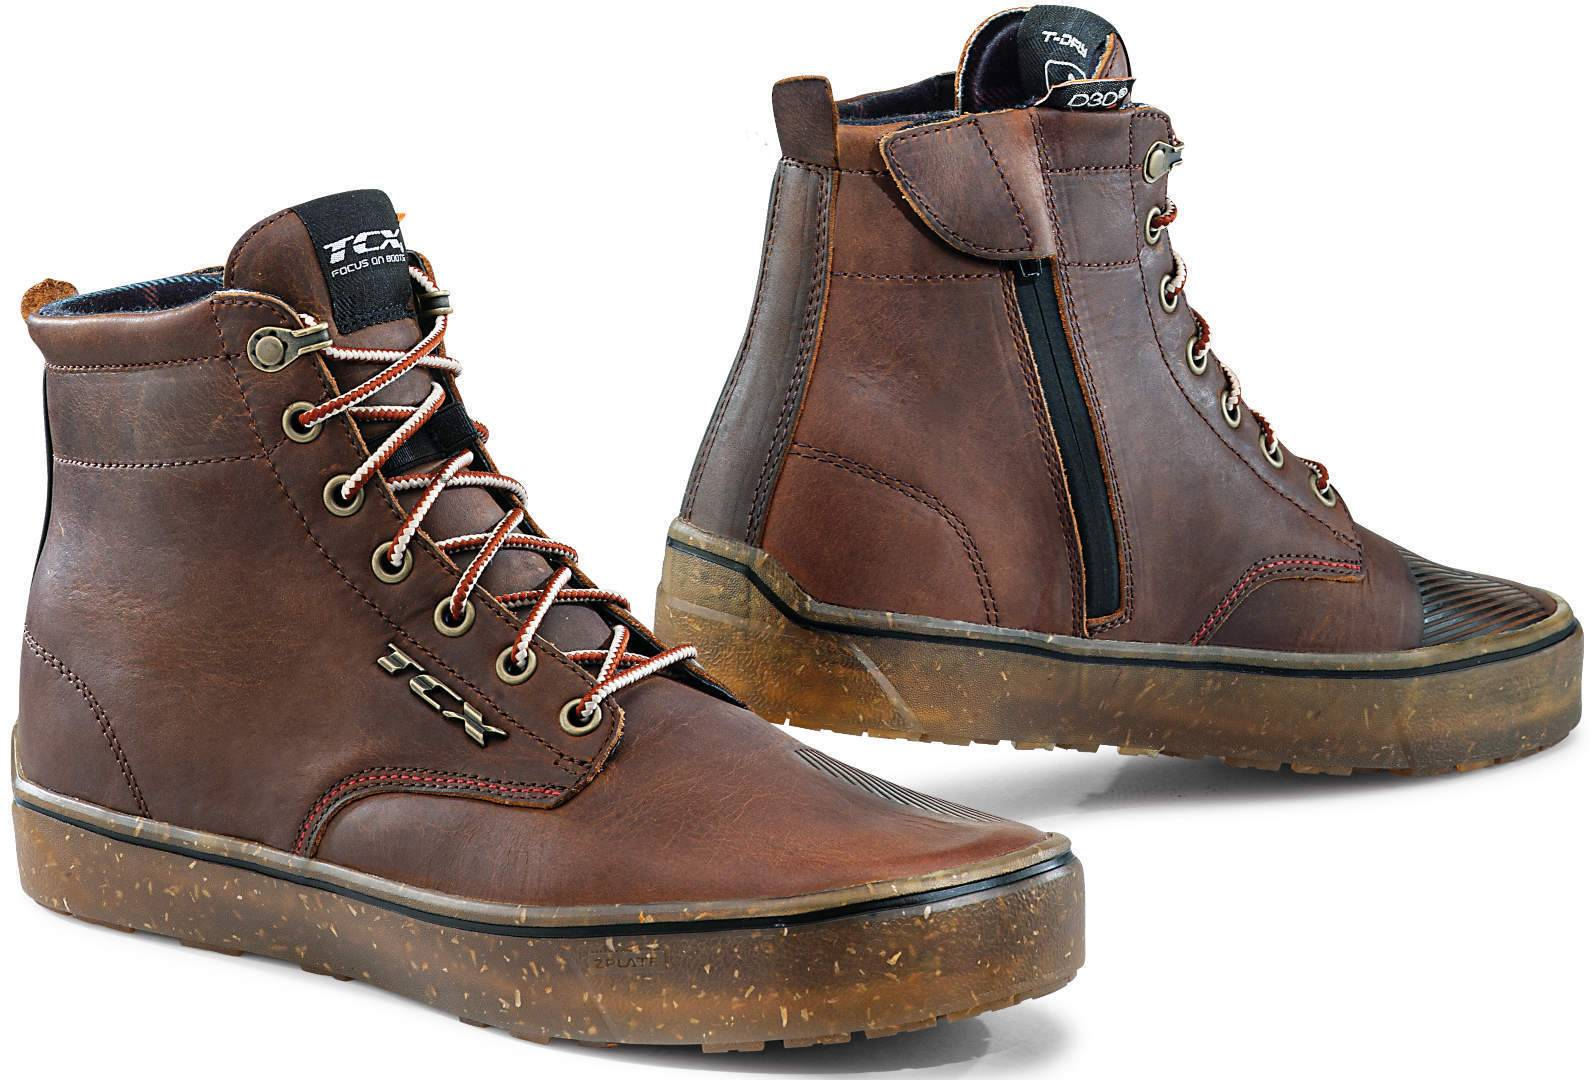 TCX Dartwood Chaussures de moto imperméables Brun taille : 48